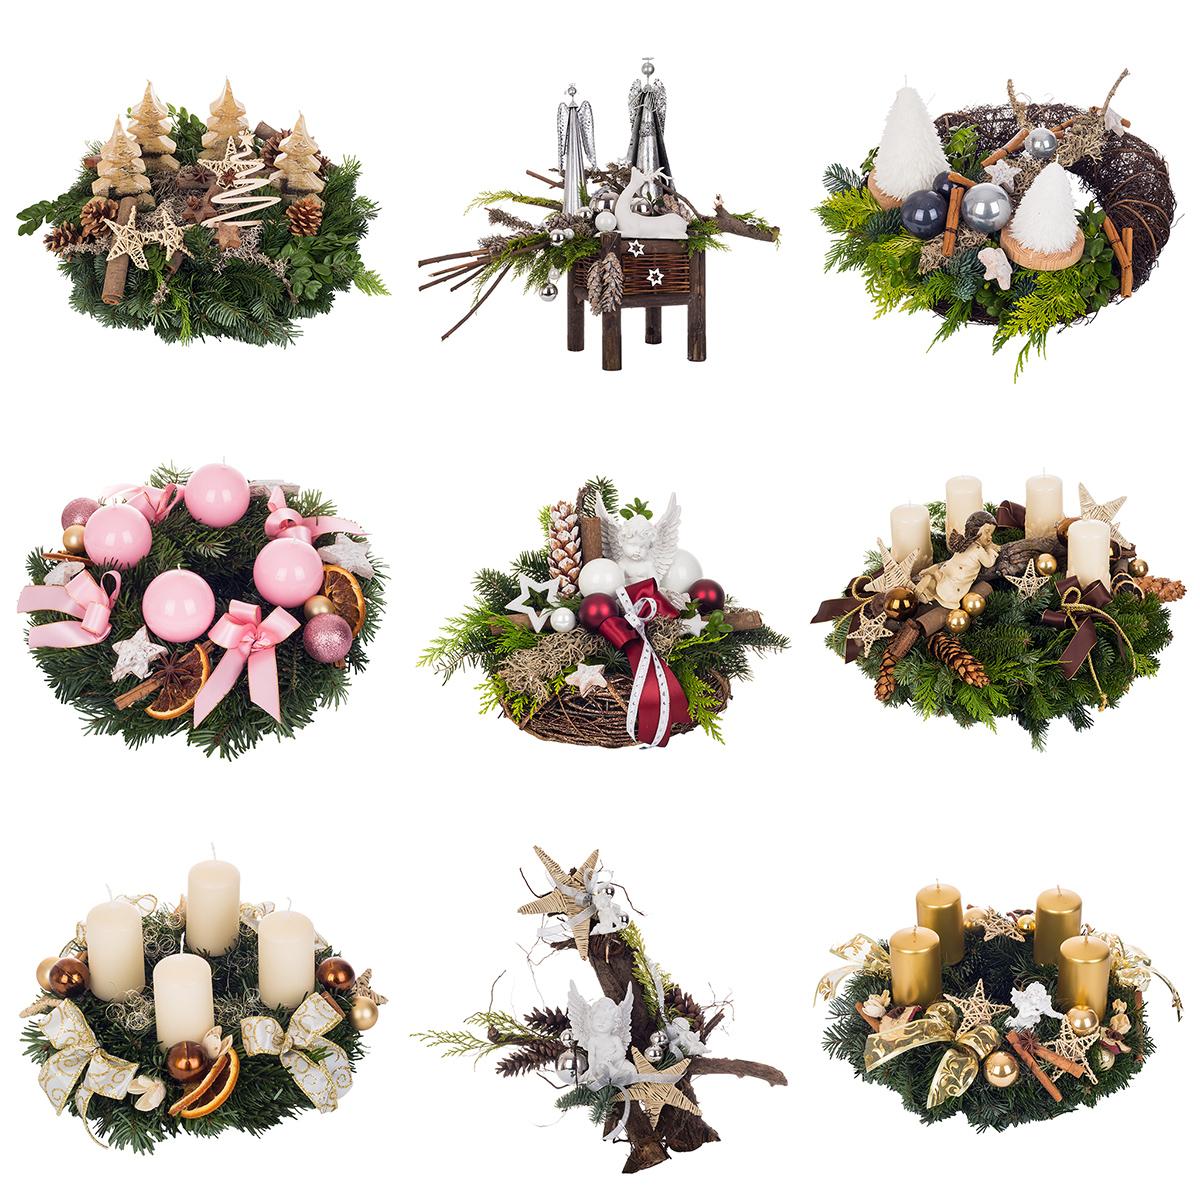 zdjecia produktowe bielsko 5 Fotografia produktowa   ozdoby świąteczne